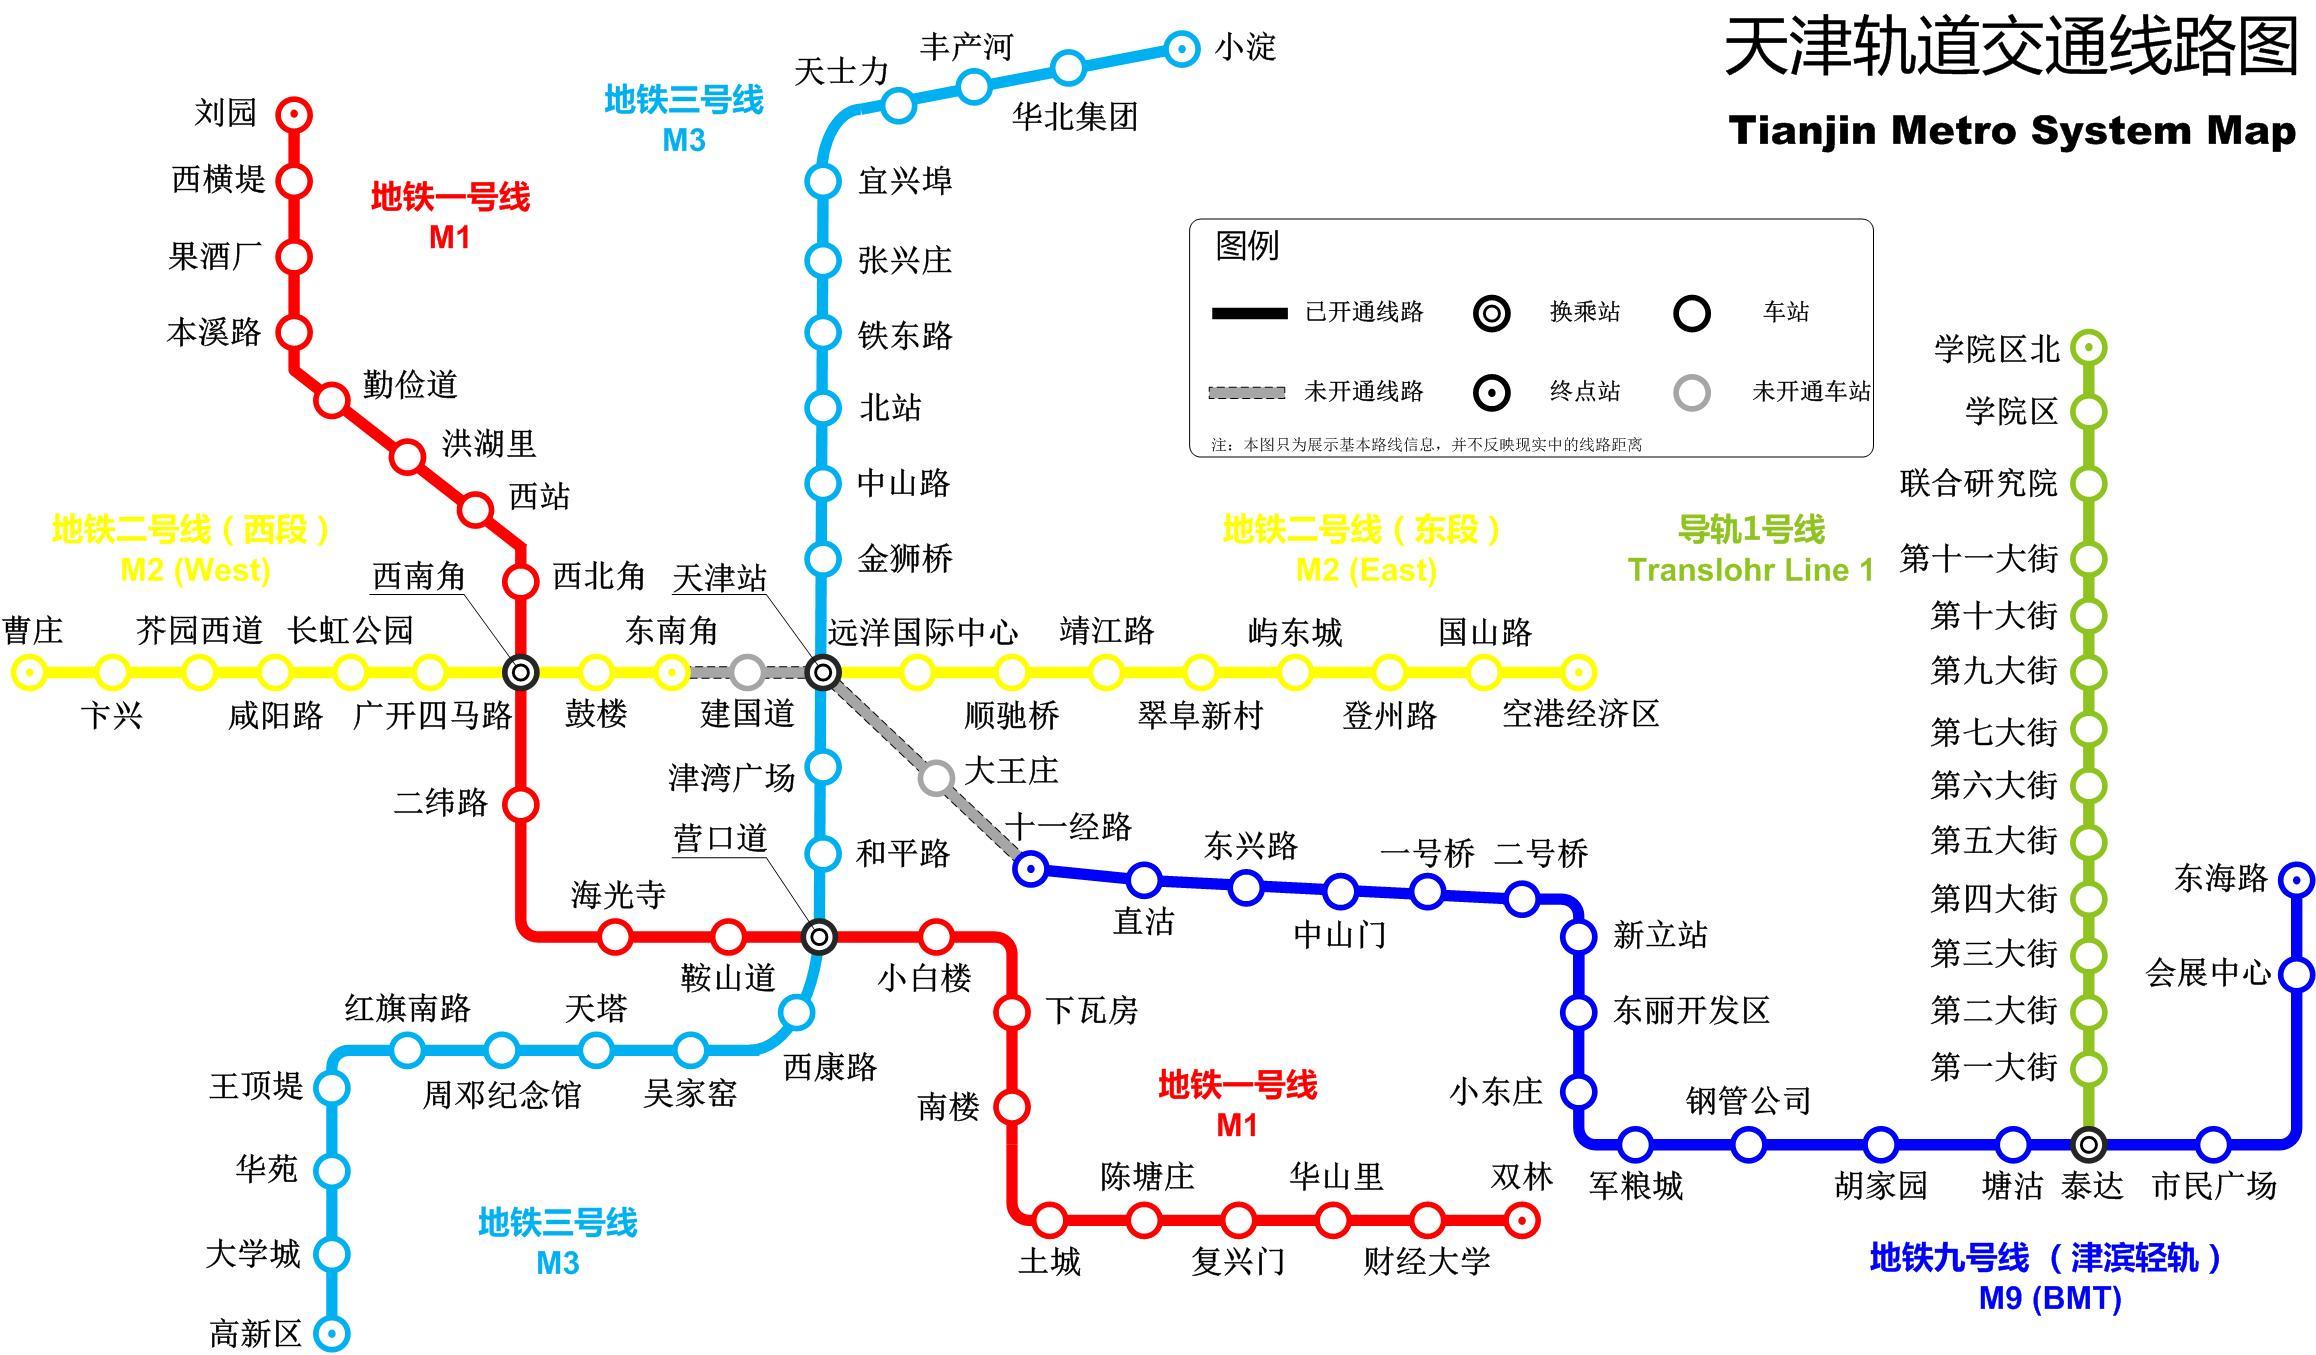 Tianjin Subway Map.File Tianjin Metro System Map Jpg Wikimedia Commons